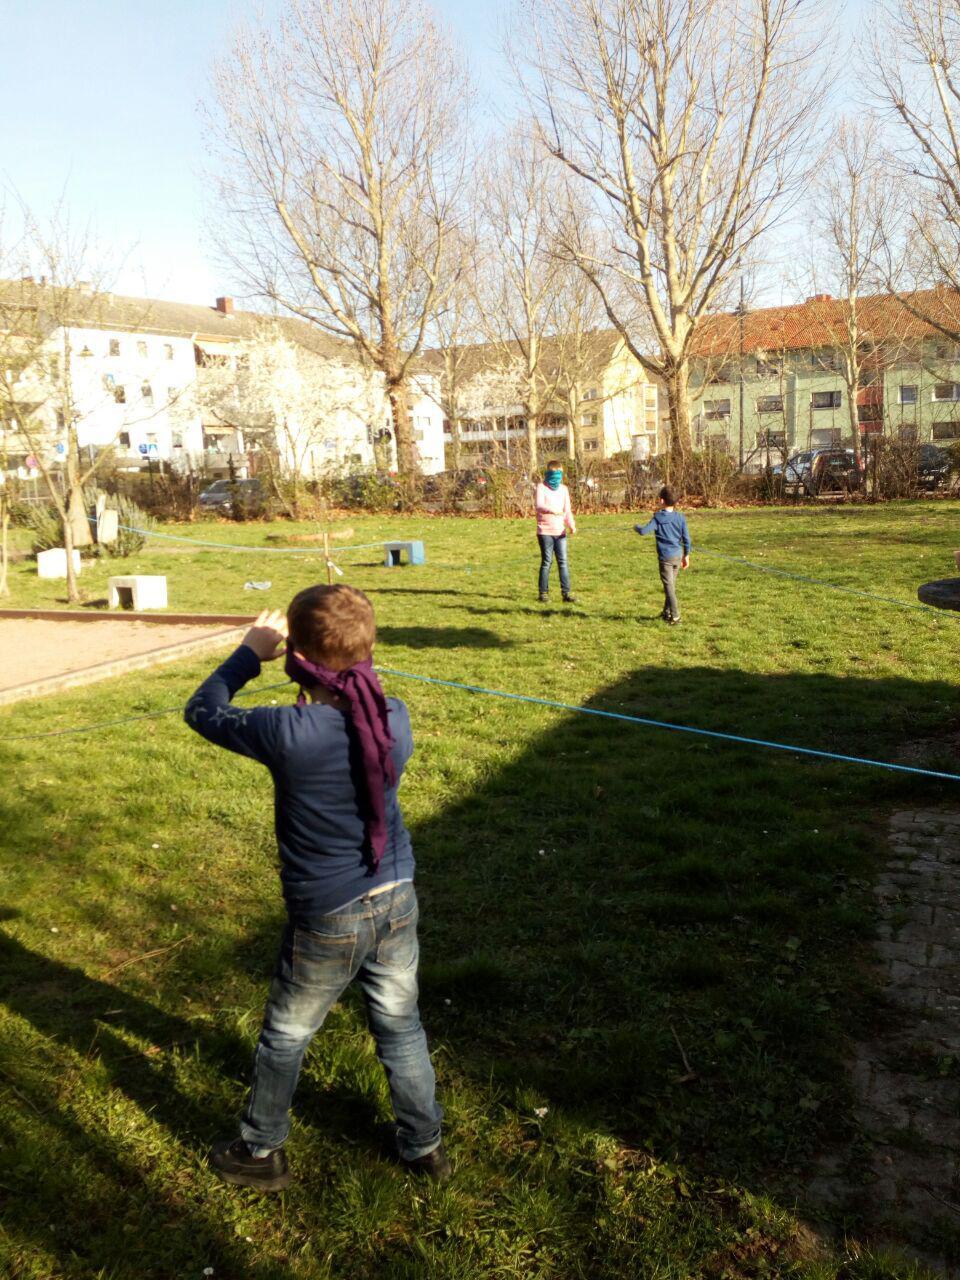 Sinnesparcours im Schulgarten